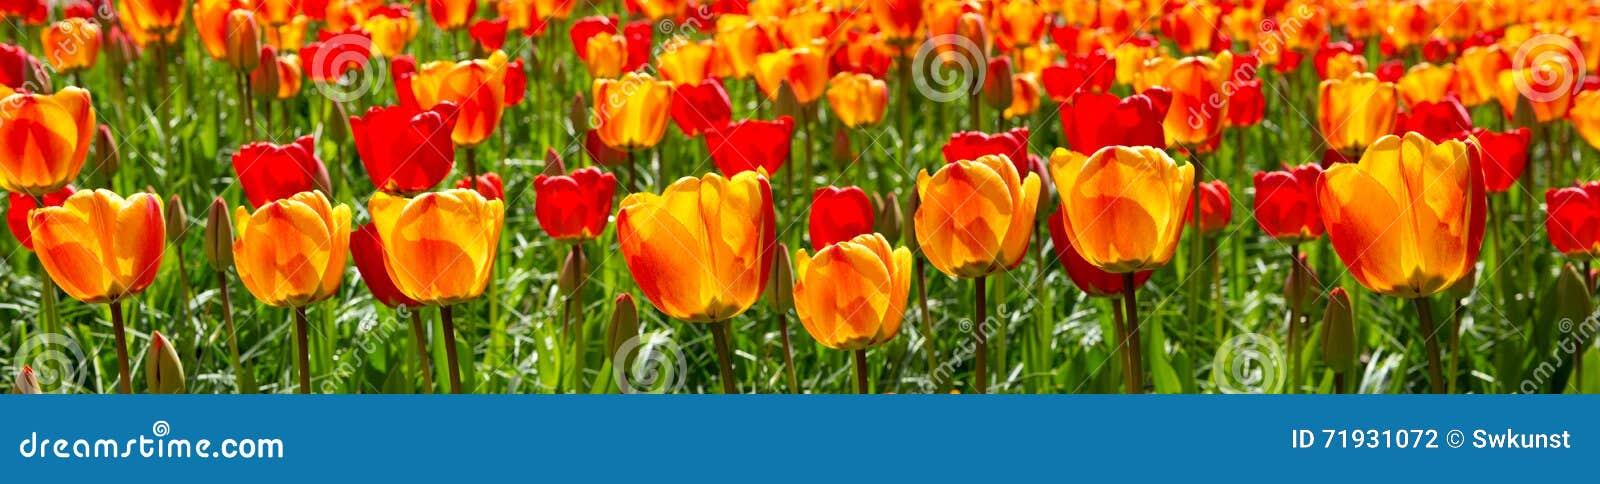 Красная и оранжевая предпосылка тюльпанов